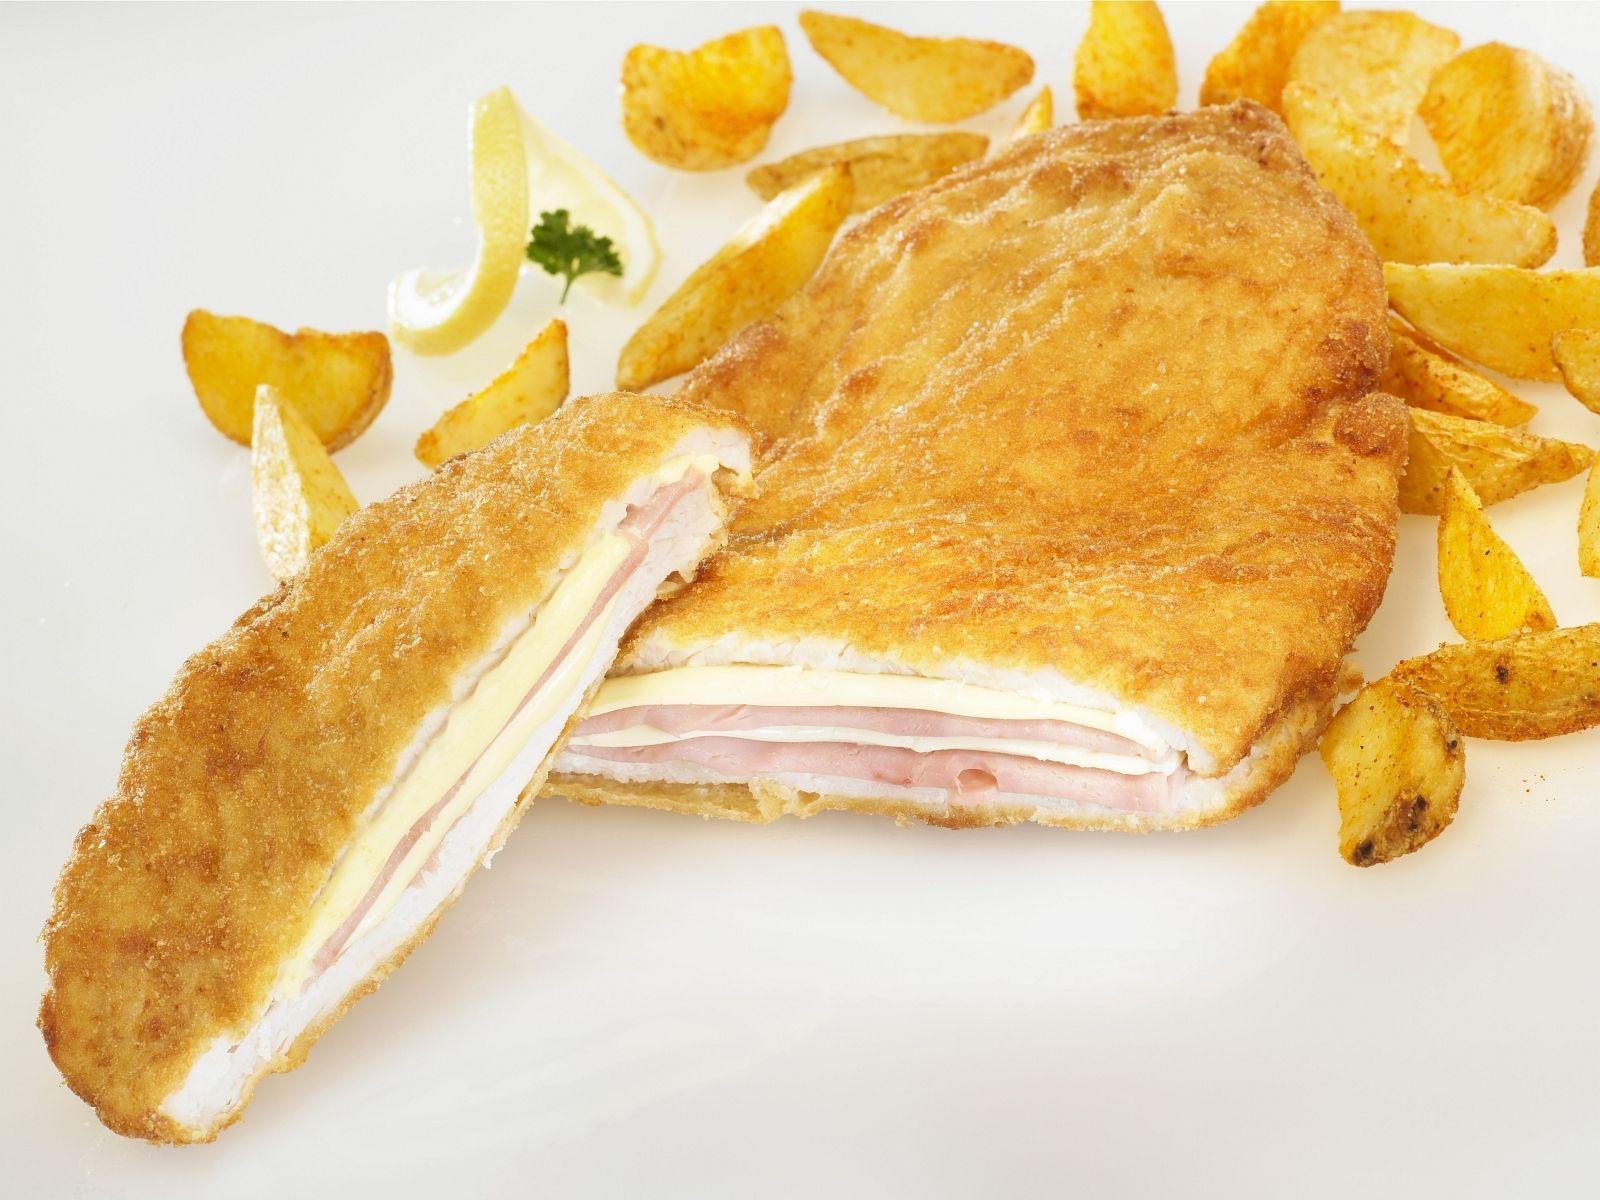 hahnchen nach cordon bleu art mit kartoffelsticks